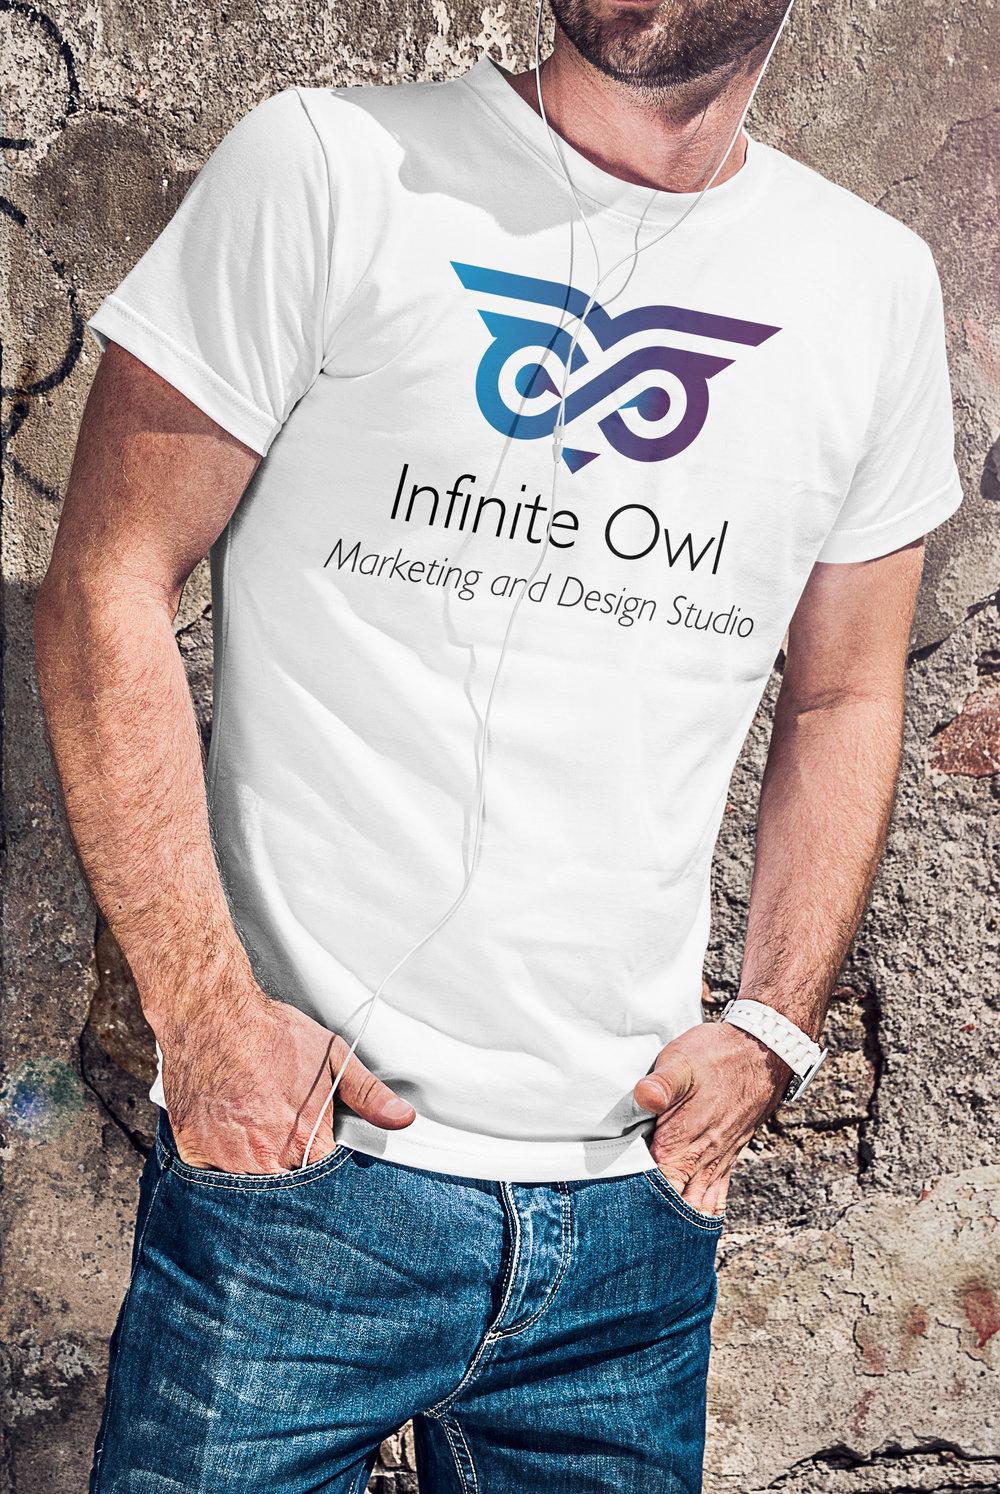 04_T-shirt Mockup_MAN_v2.jpg